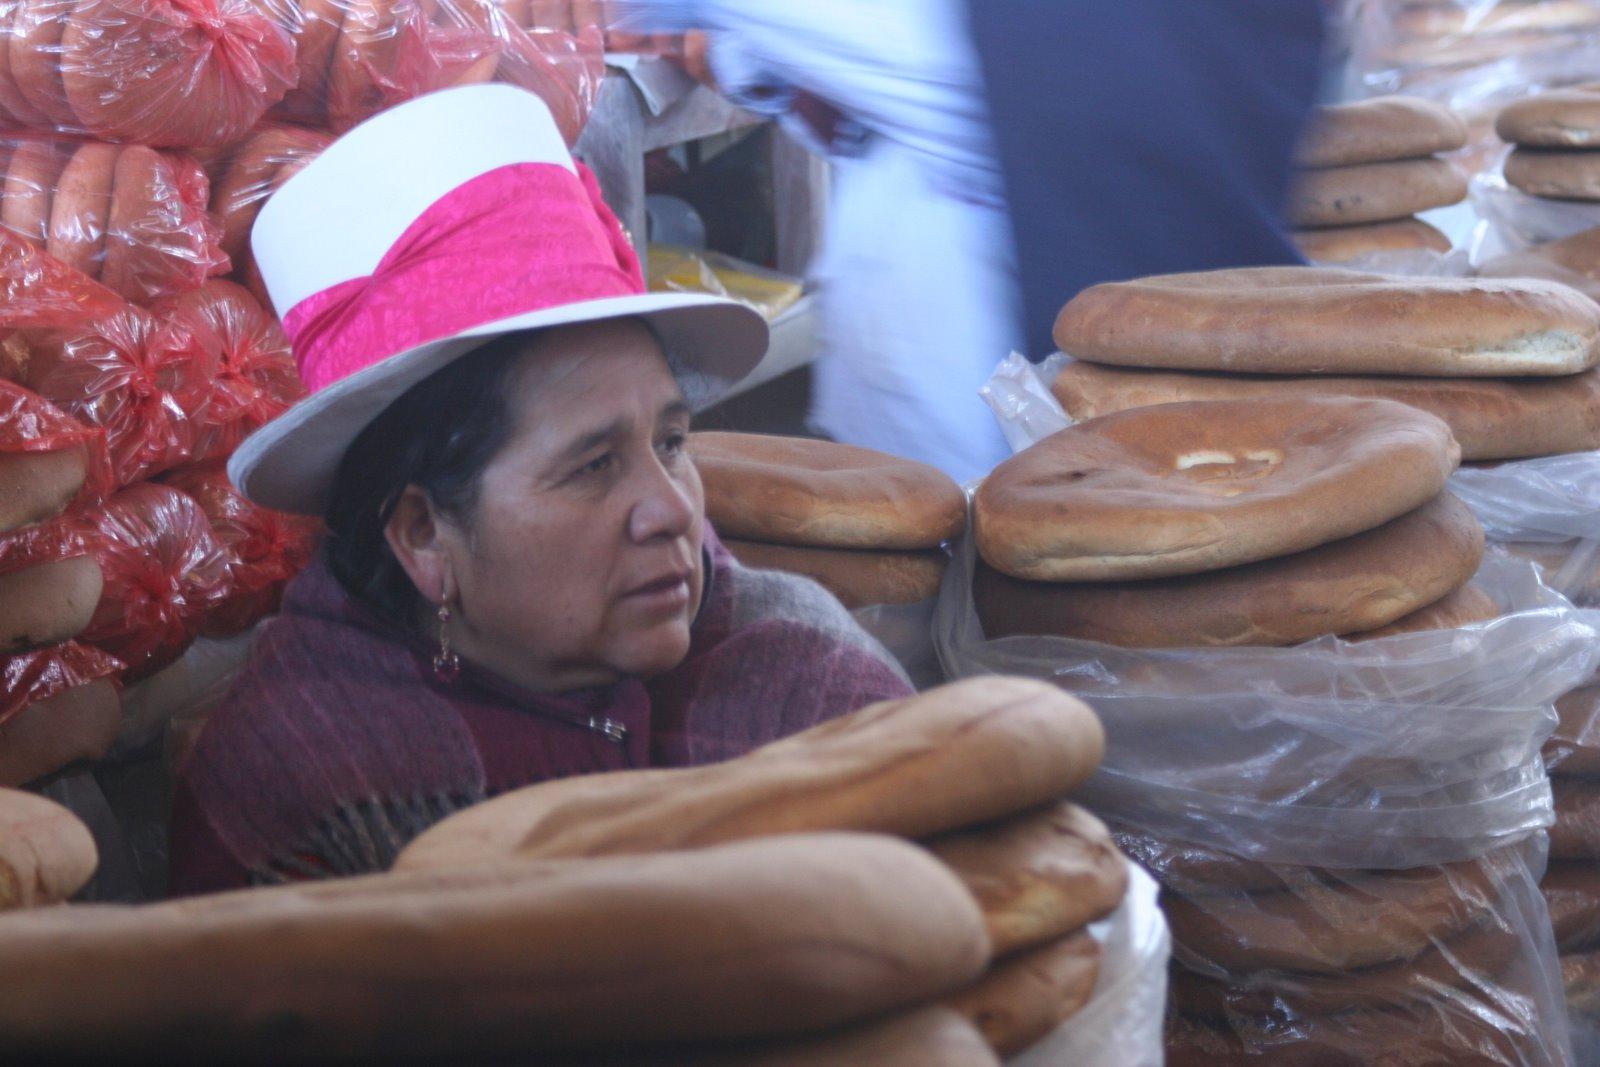 http://4.bp.blogspot.com/_rgPfp62L7Xo/TB5lDrlxnqI/AAAAAAAADMg/OUSsqrCohdc/s1600/selling_bread.jpg